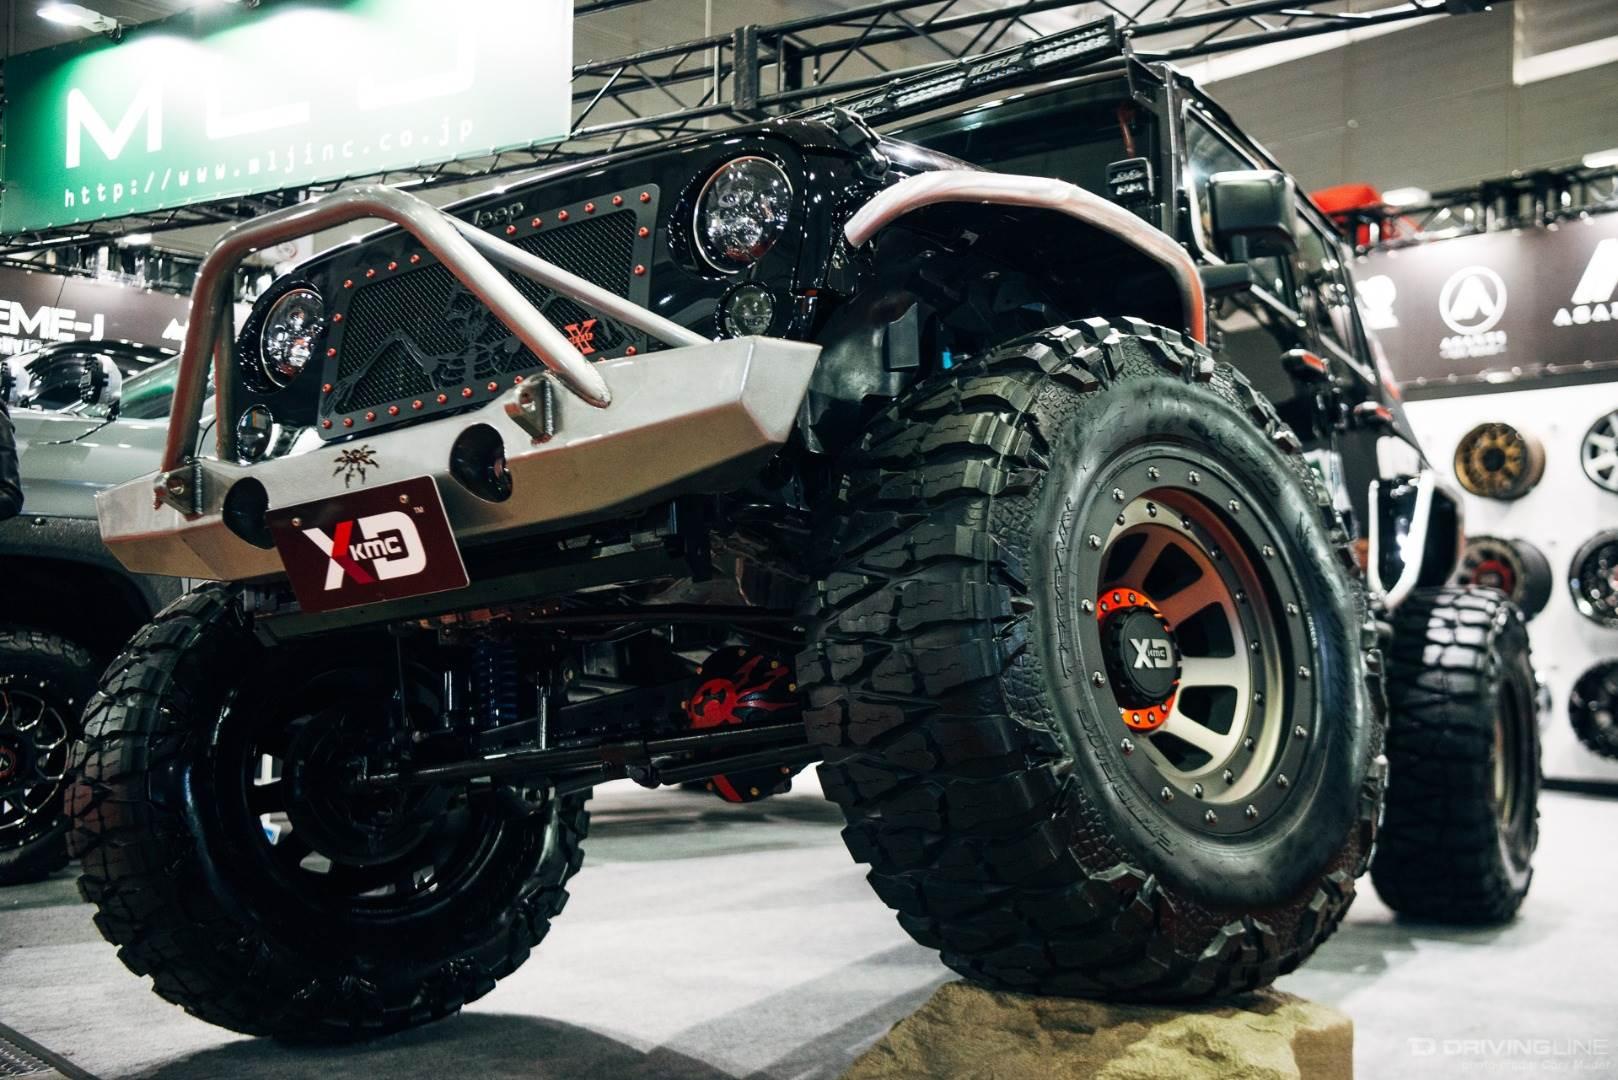 Токийский Автосалон 2018 - авто тюнинг шоу-выставка крупнейшего масштаба